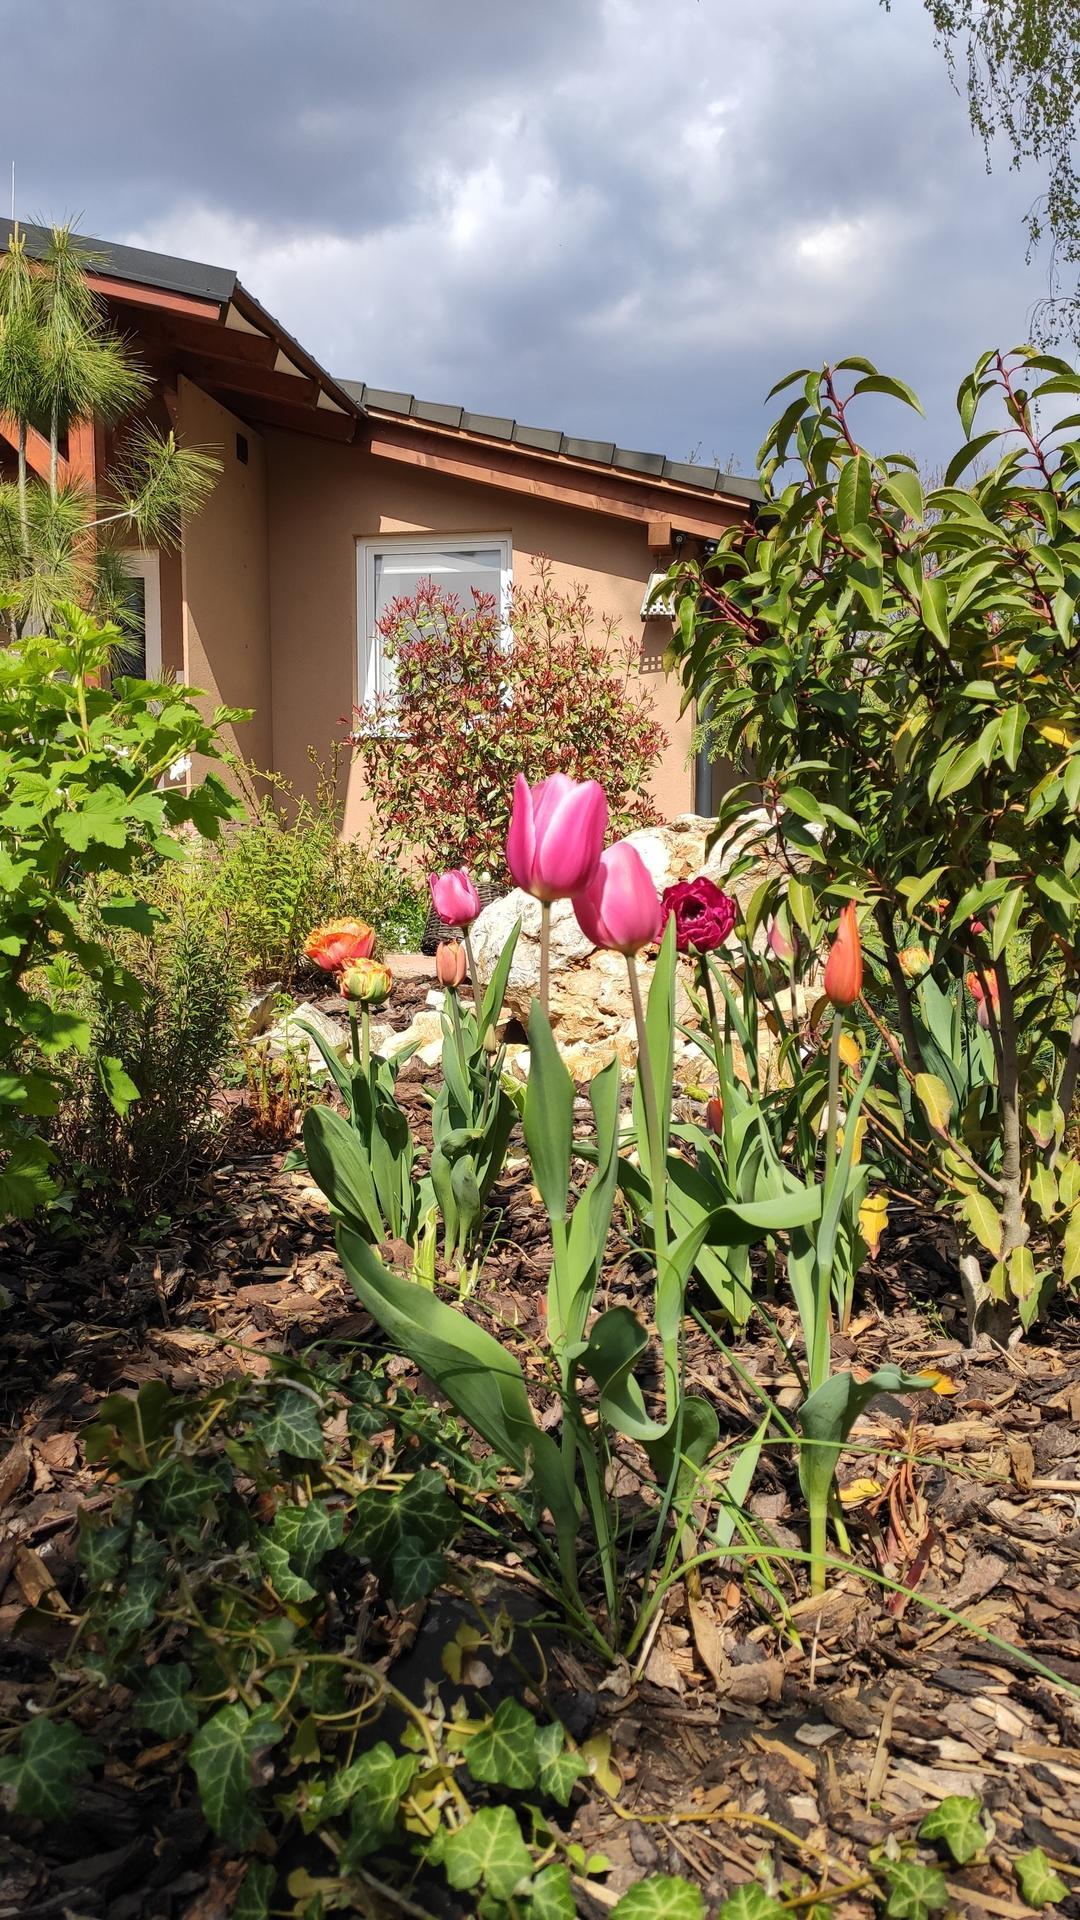 záhrada vidiecka, farebná rok 2021 - Obrázok č. 35